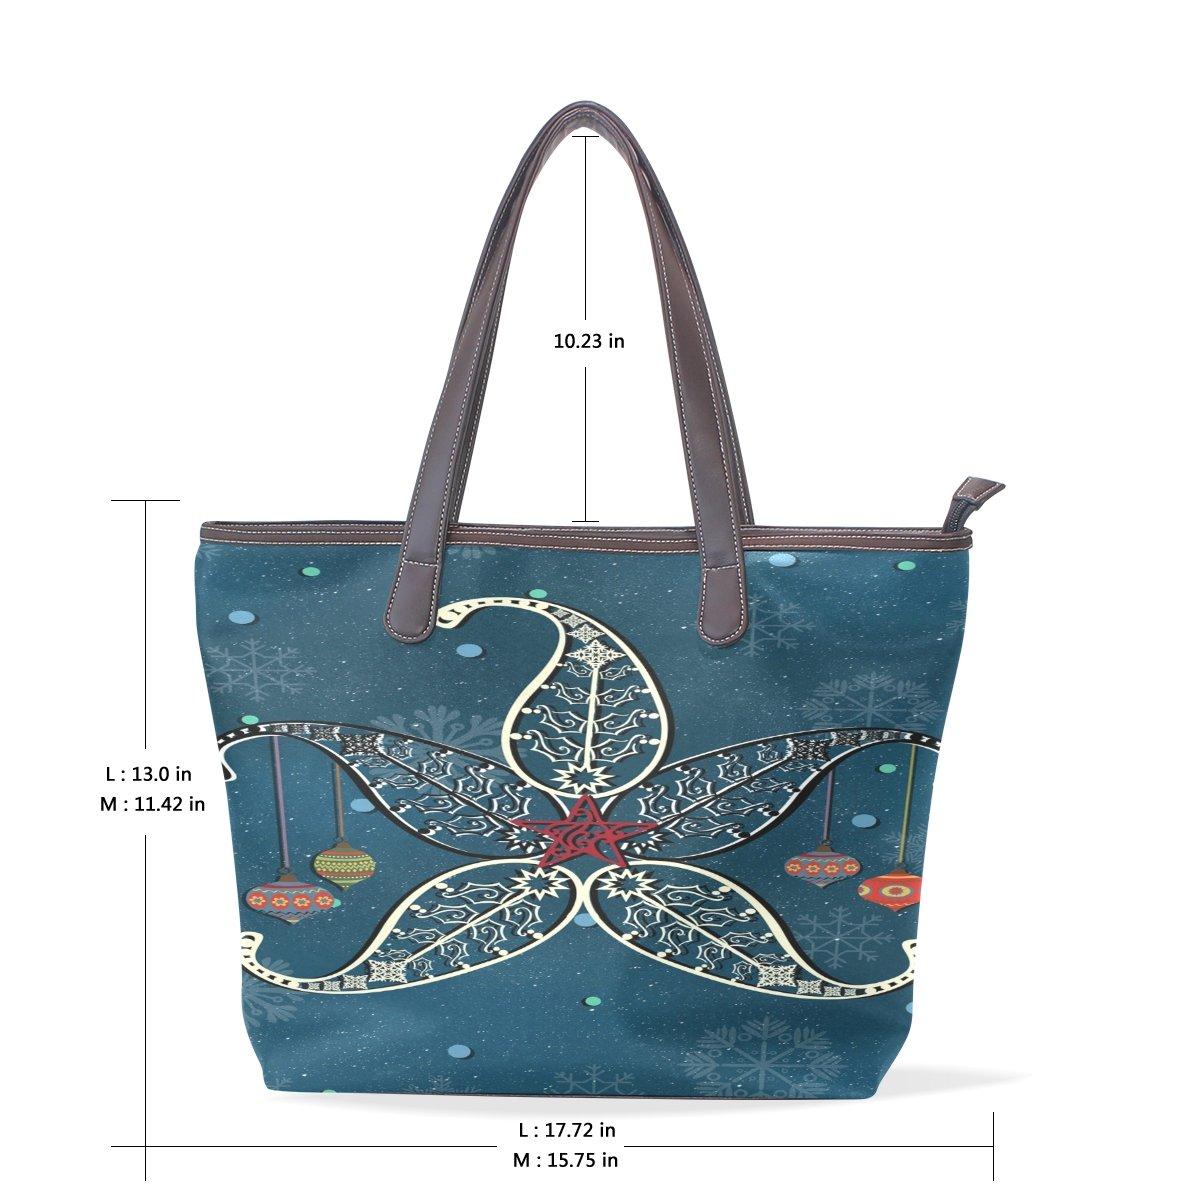 Mr.Weng Household Insect Lady Handbag Tote Bag Zipper Shoulder Bag